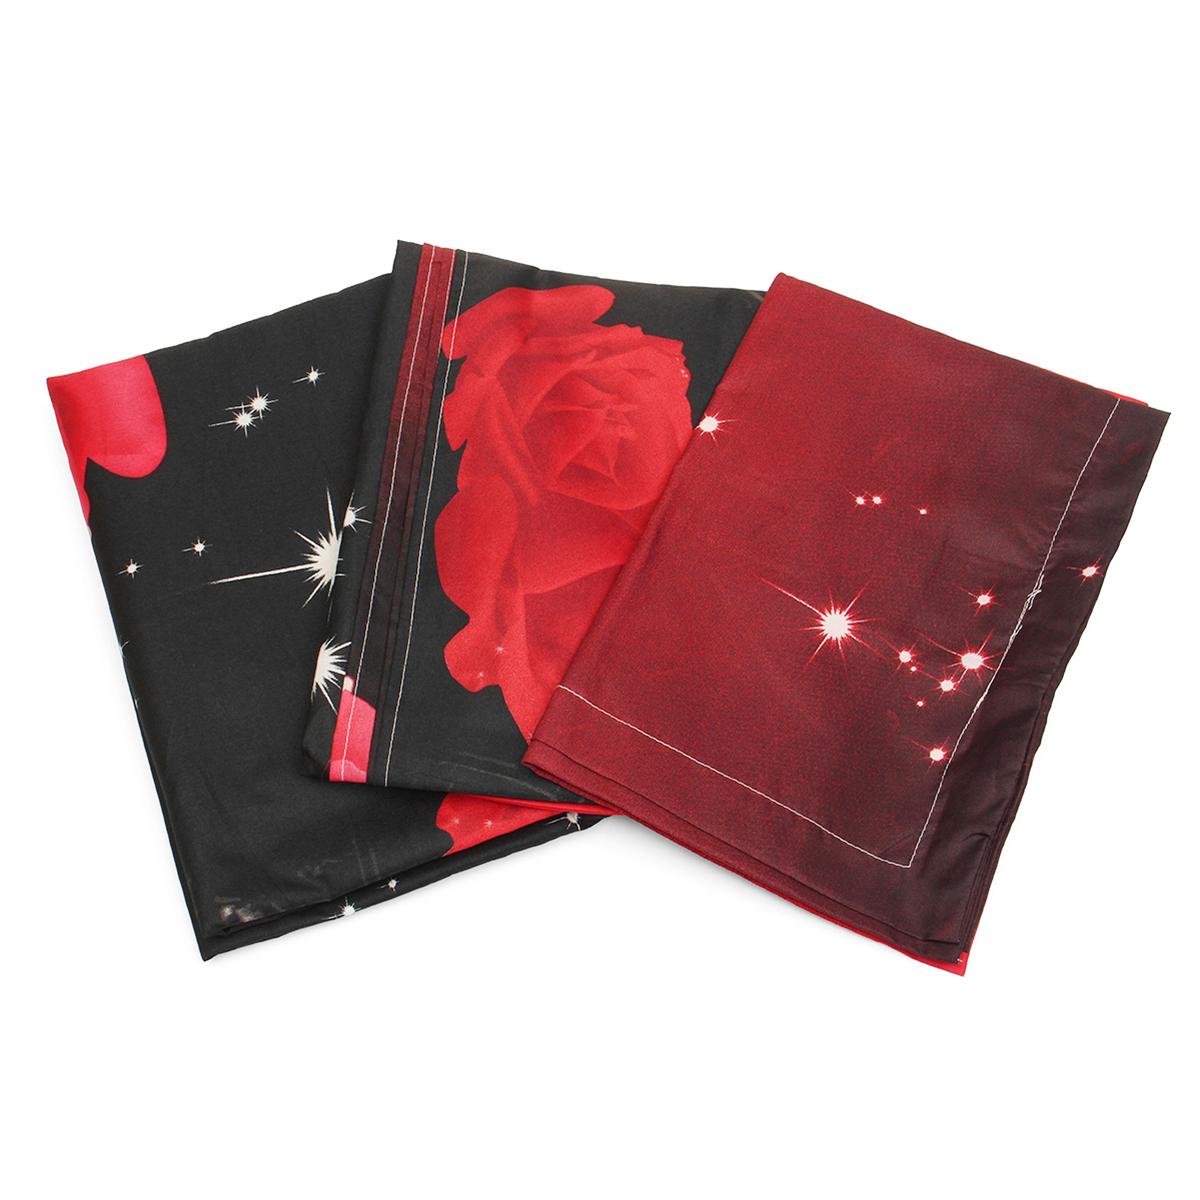 4шт.3D-изображенияНаборыдляпостельного белья Комплект подошв 1 Одеяло Обложка 1 Оборудованный лист 2 Подушки - фото 2